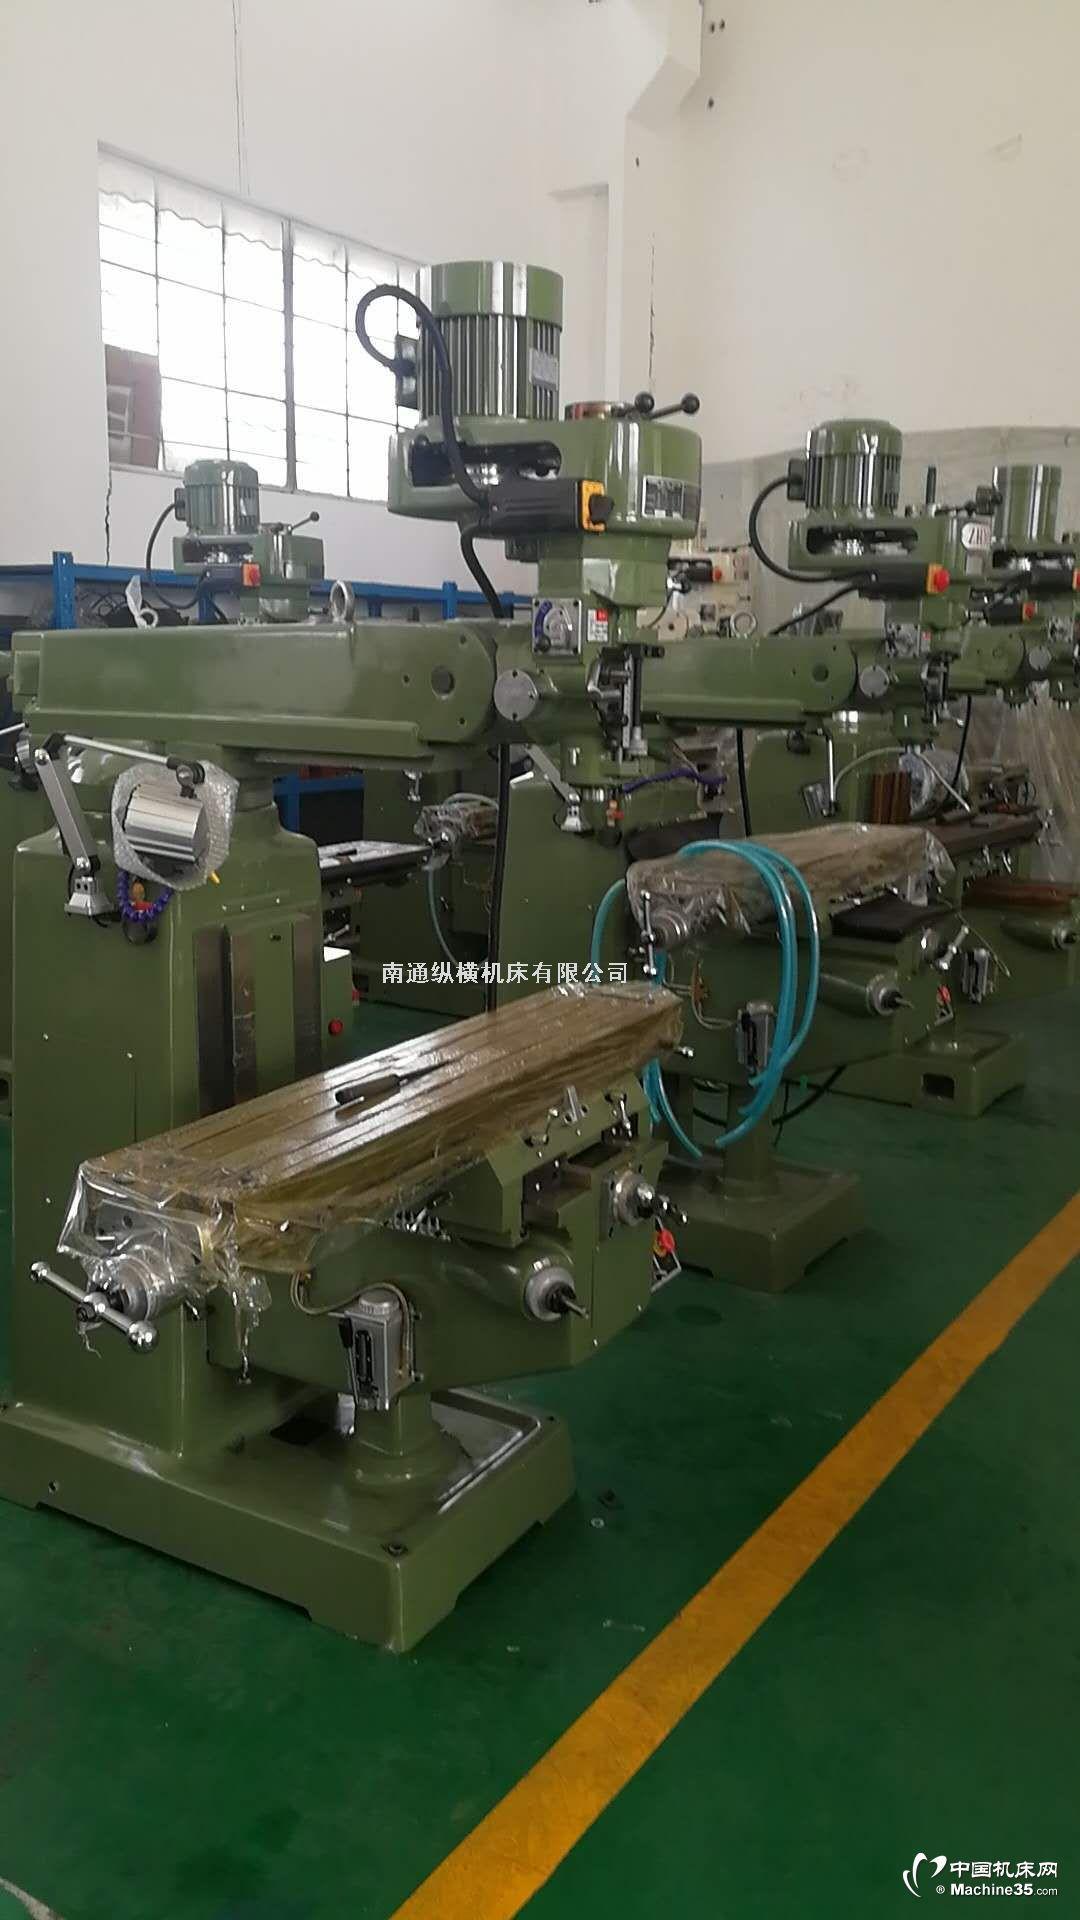 浙江炮塔铣床型号x6330 电动升降铣床